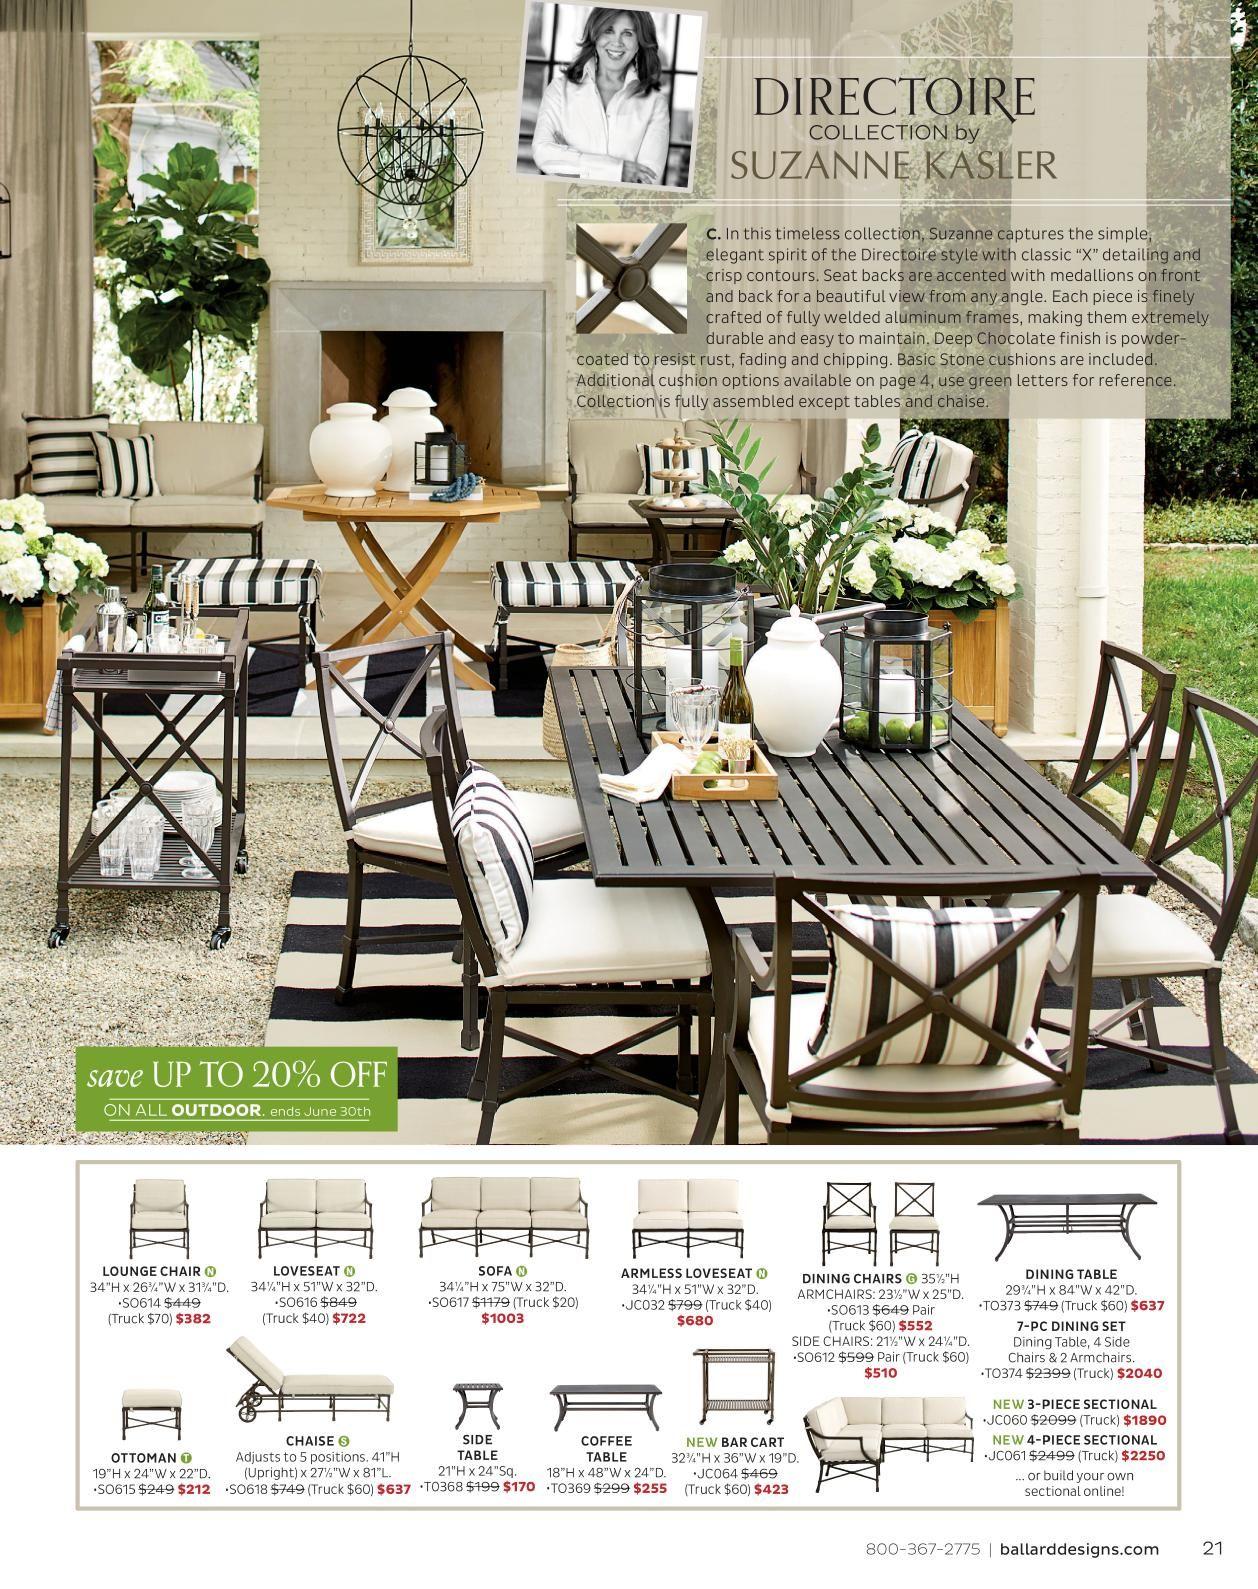 Ballard Designs Online Catalogs Directoire Collection By Suzanne Kasler Balcony Furnitureoutdoor